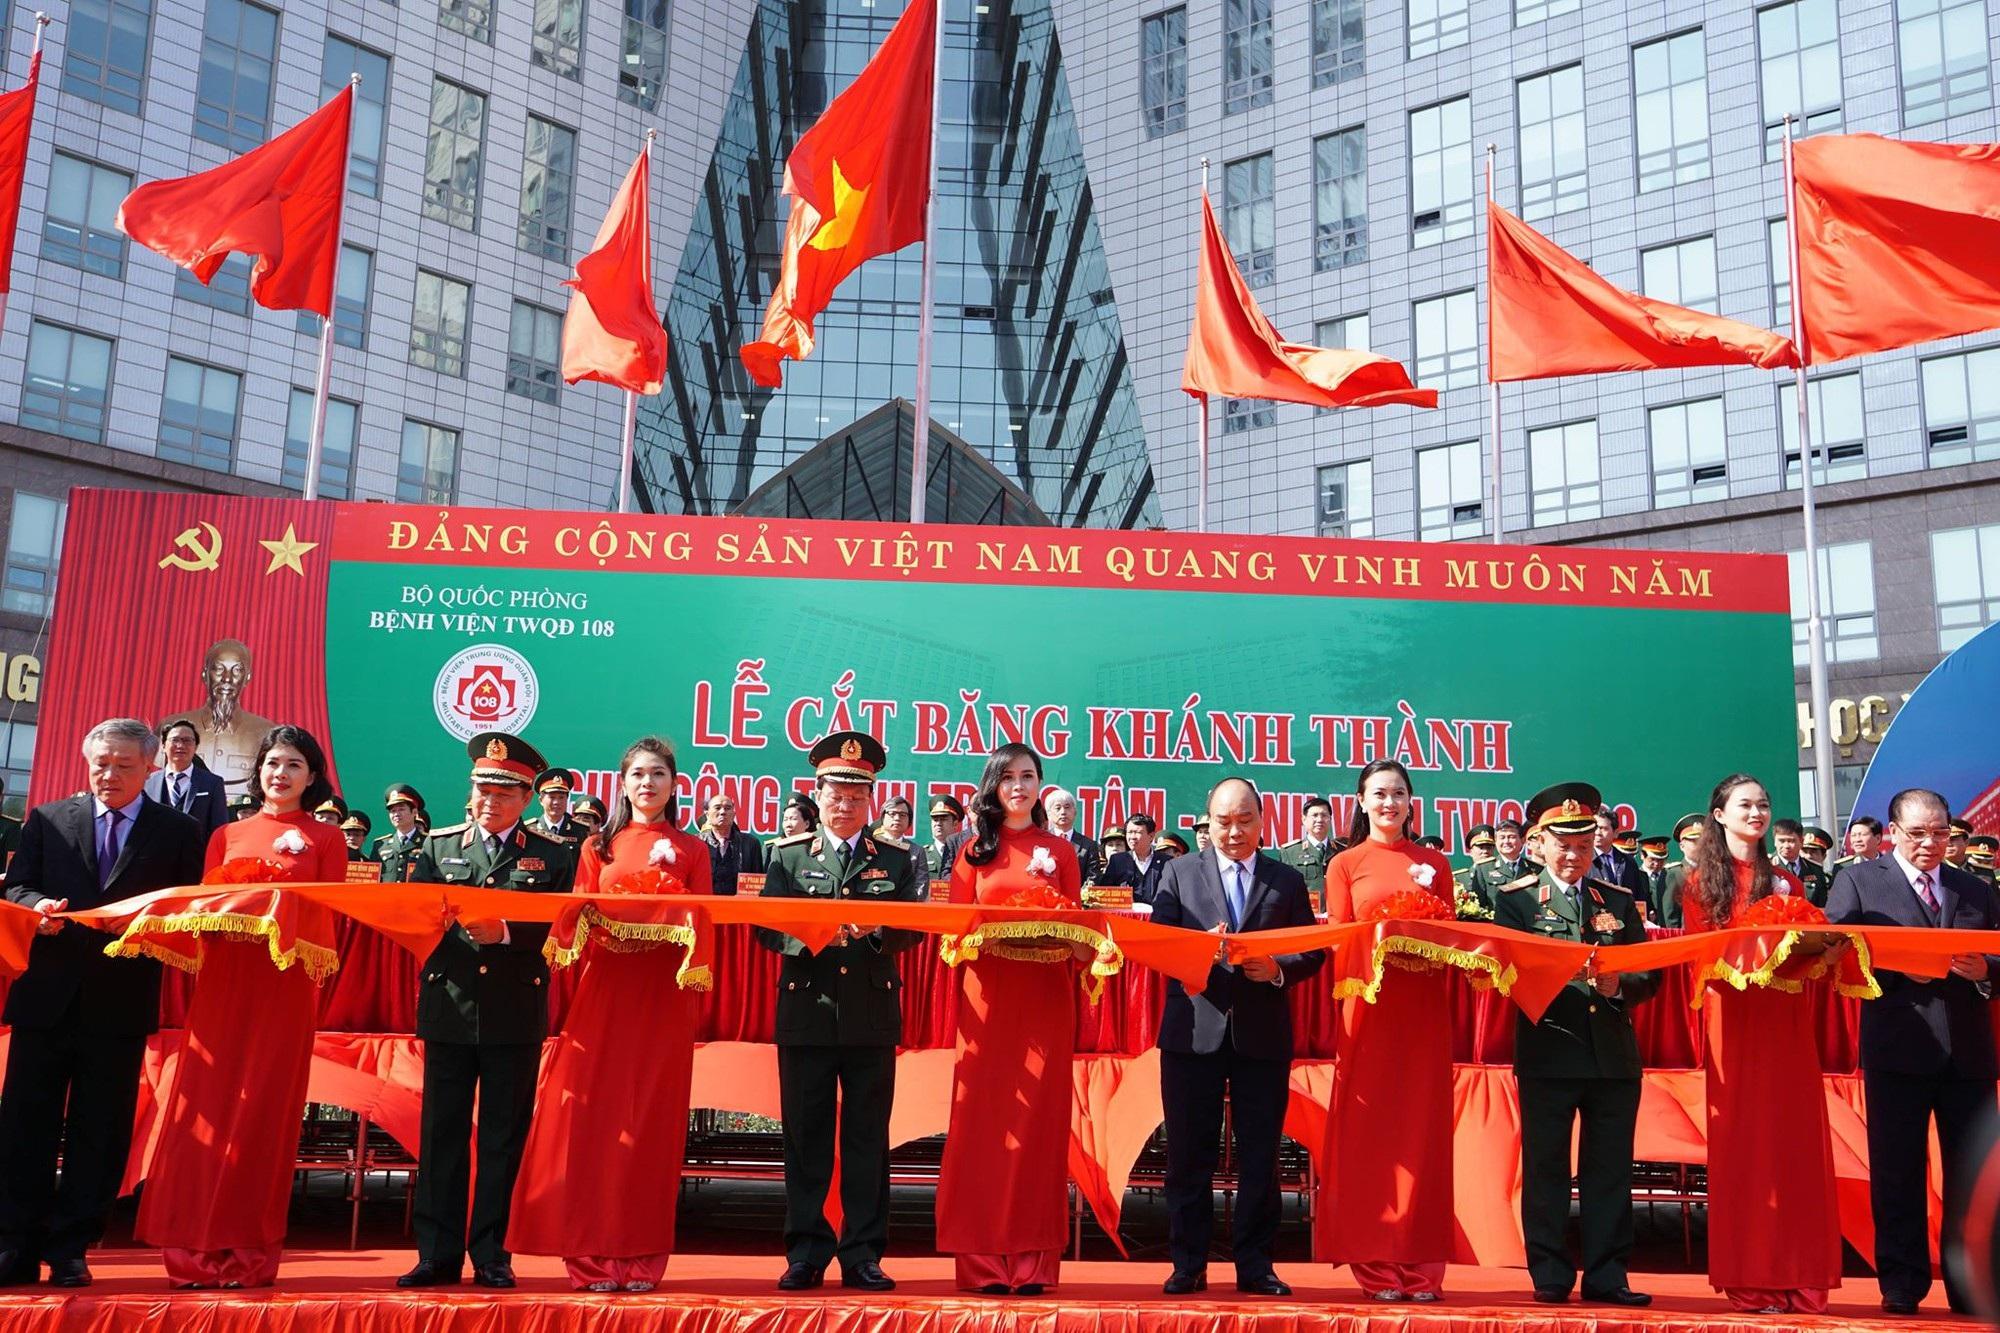 Thủ tướng dự lễ khánh thành tòa bệnh viện công hiện đại nhất Việt Nam - Ảnh 3.